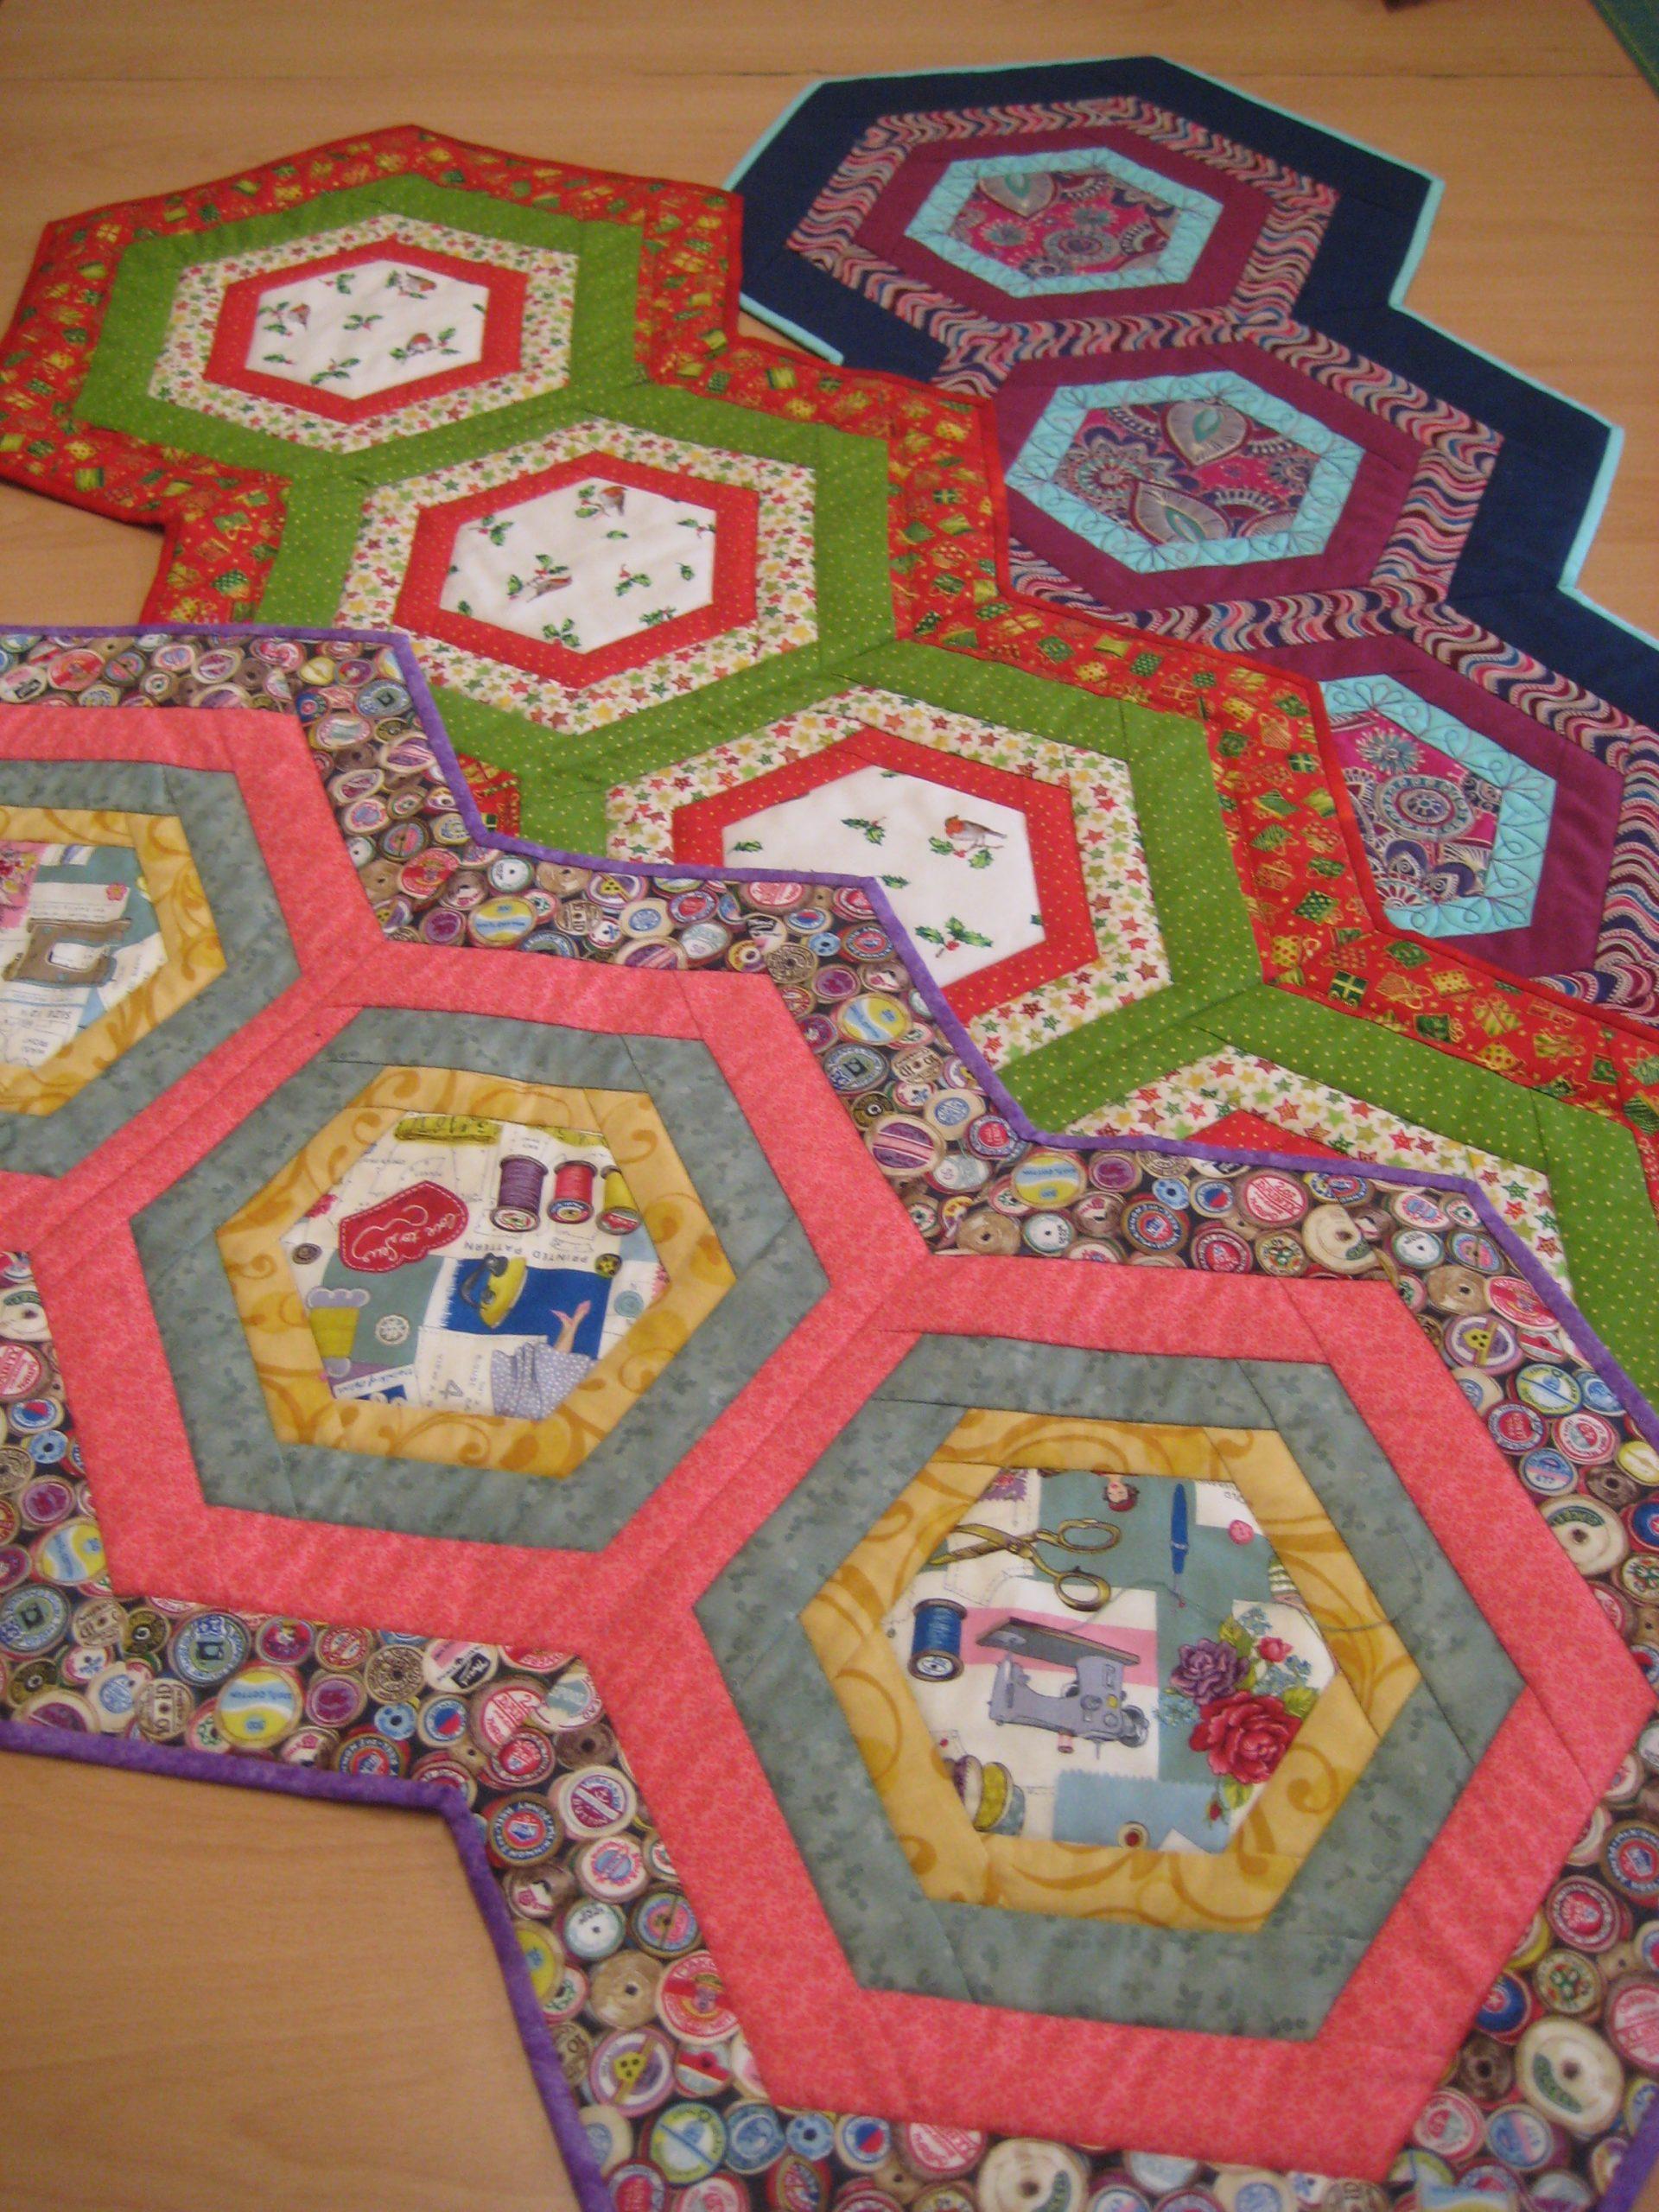 Hexagonal table runner pattern